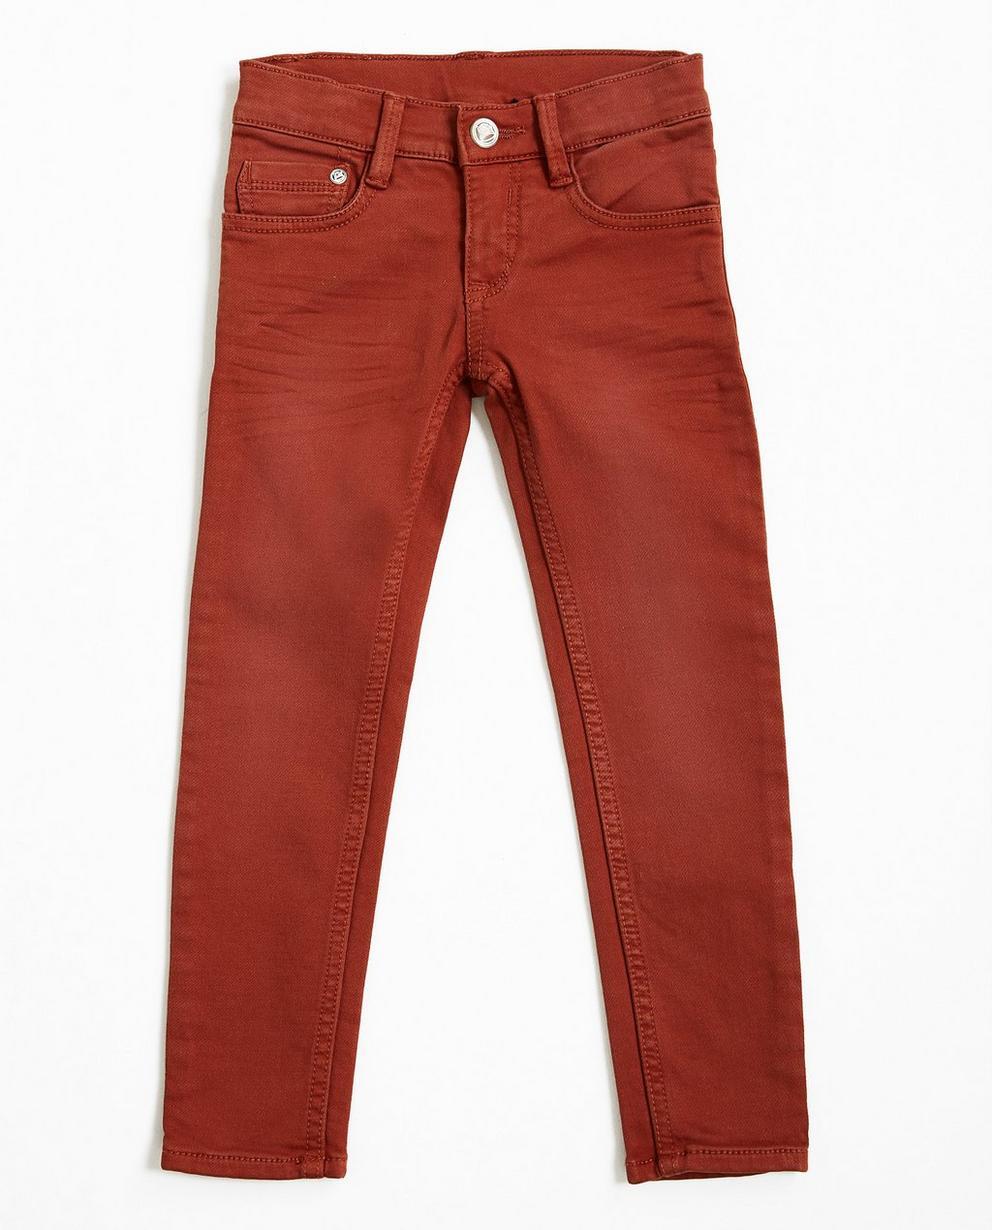 Ziegelrote Jeans - Wickie - Wickie